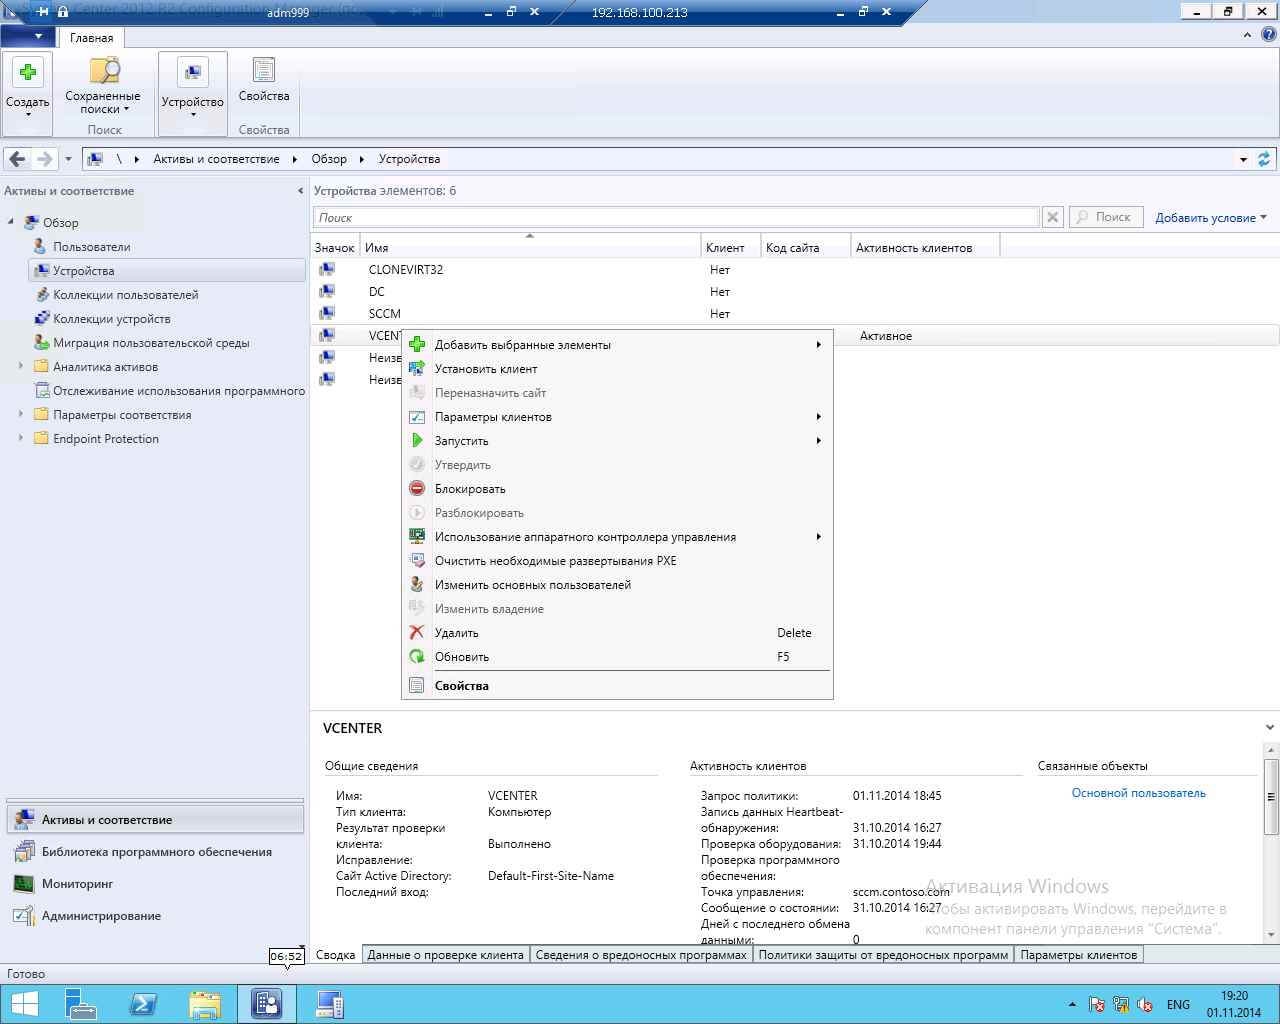 Как установить SCCM (System Center Configuration Manager) 2012R2 в windows server 2012R2 -6 часть. Как принудительно установить клиента-08